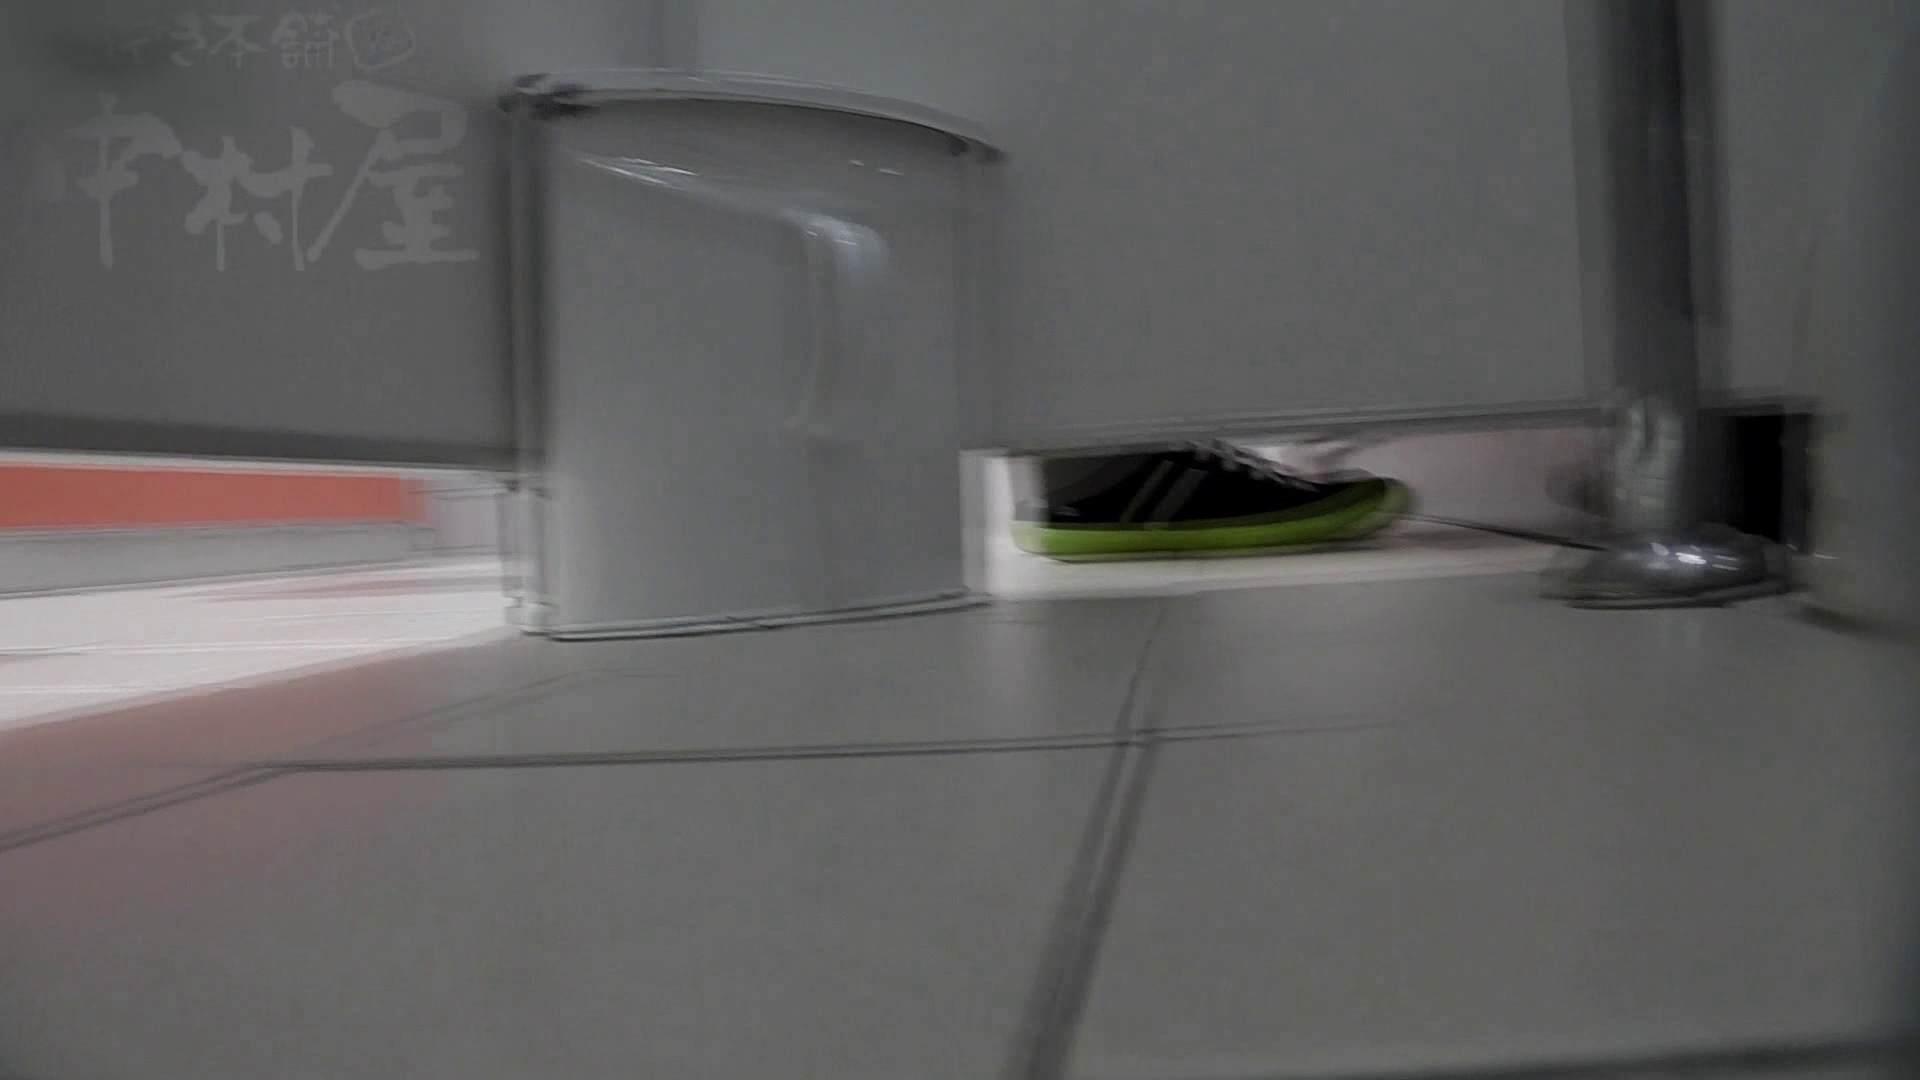 美しい日本の未来 No.08 腕を磨き再発進 放尿 セックス画像 90PICs 49